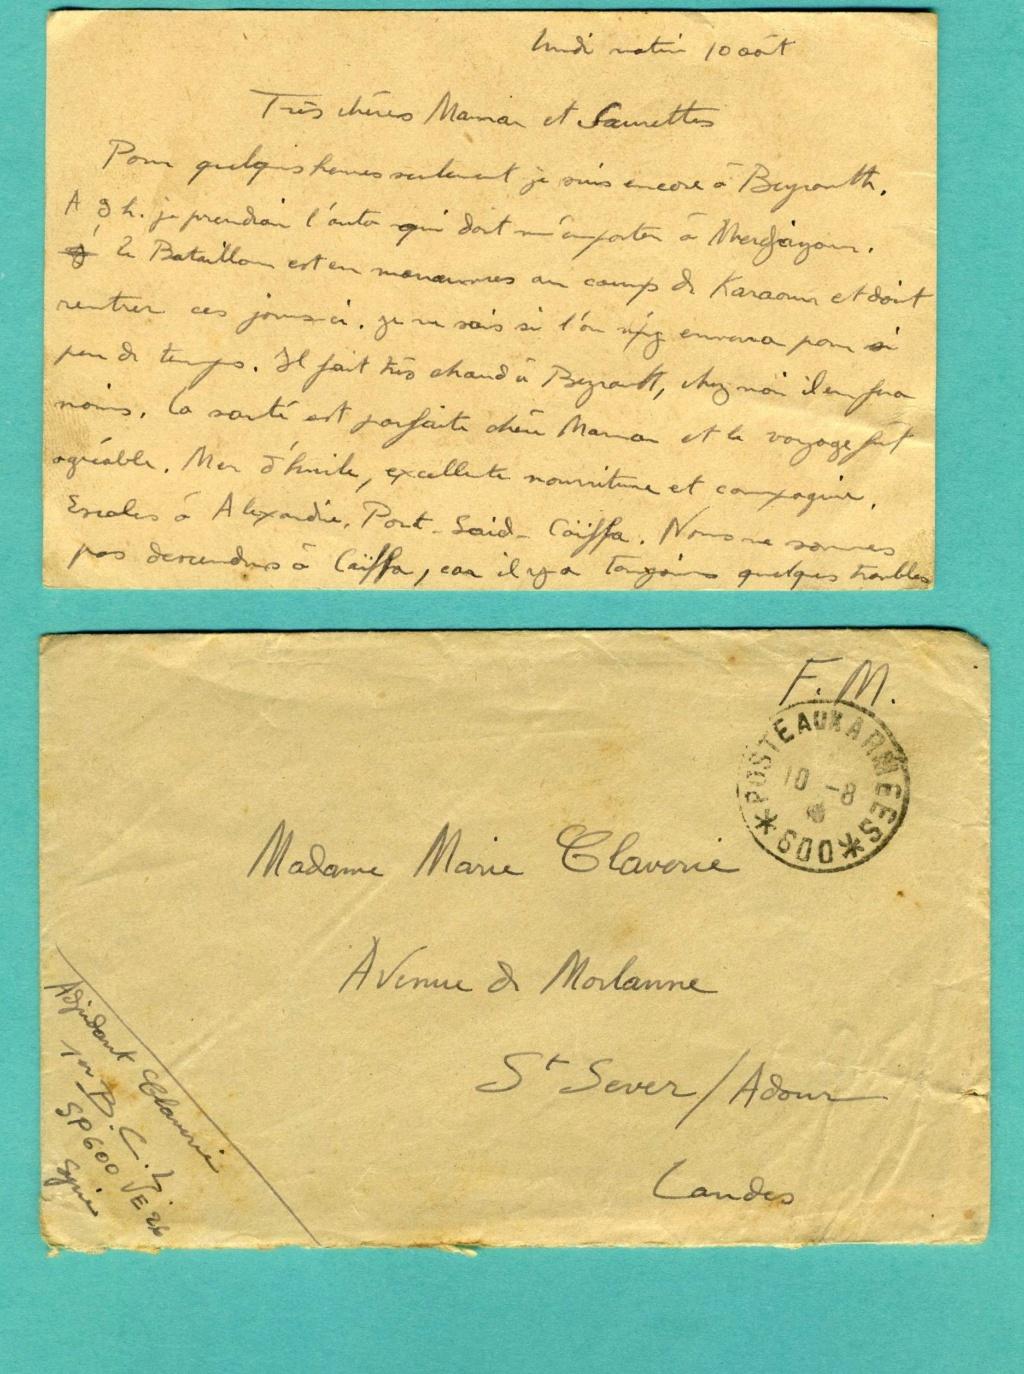 correspondance d'un adjudant du 1er Bataillon de Chasseurs Libanais - Levant années 1930 Img93810